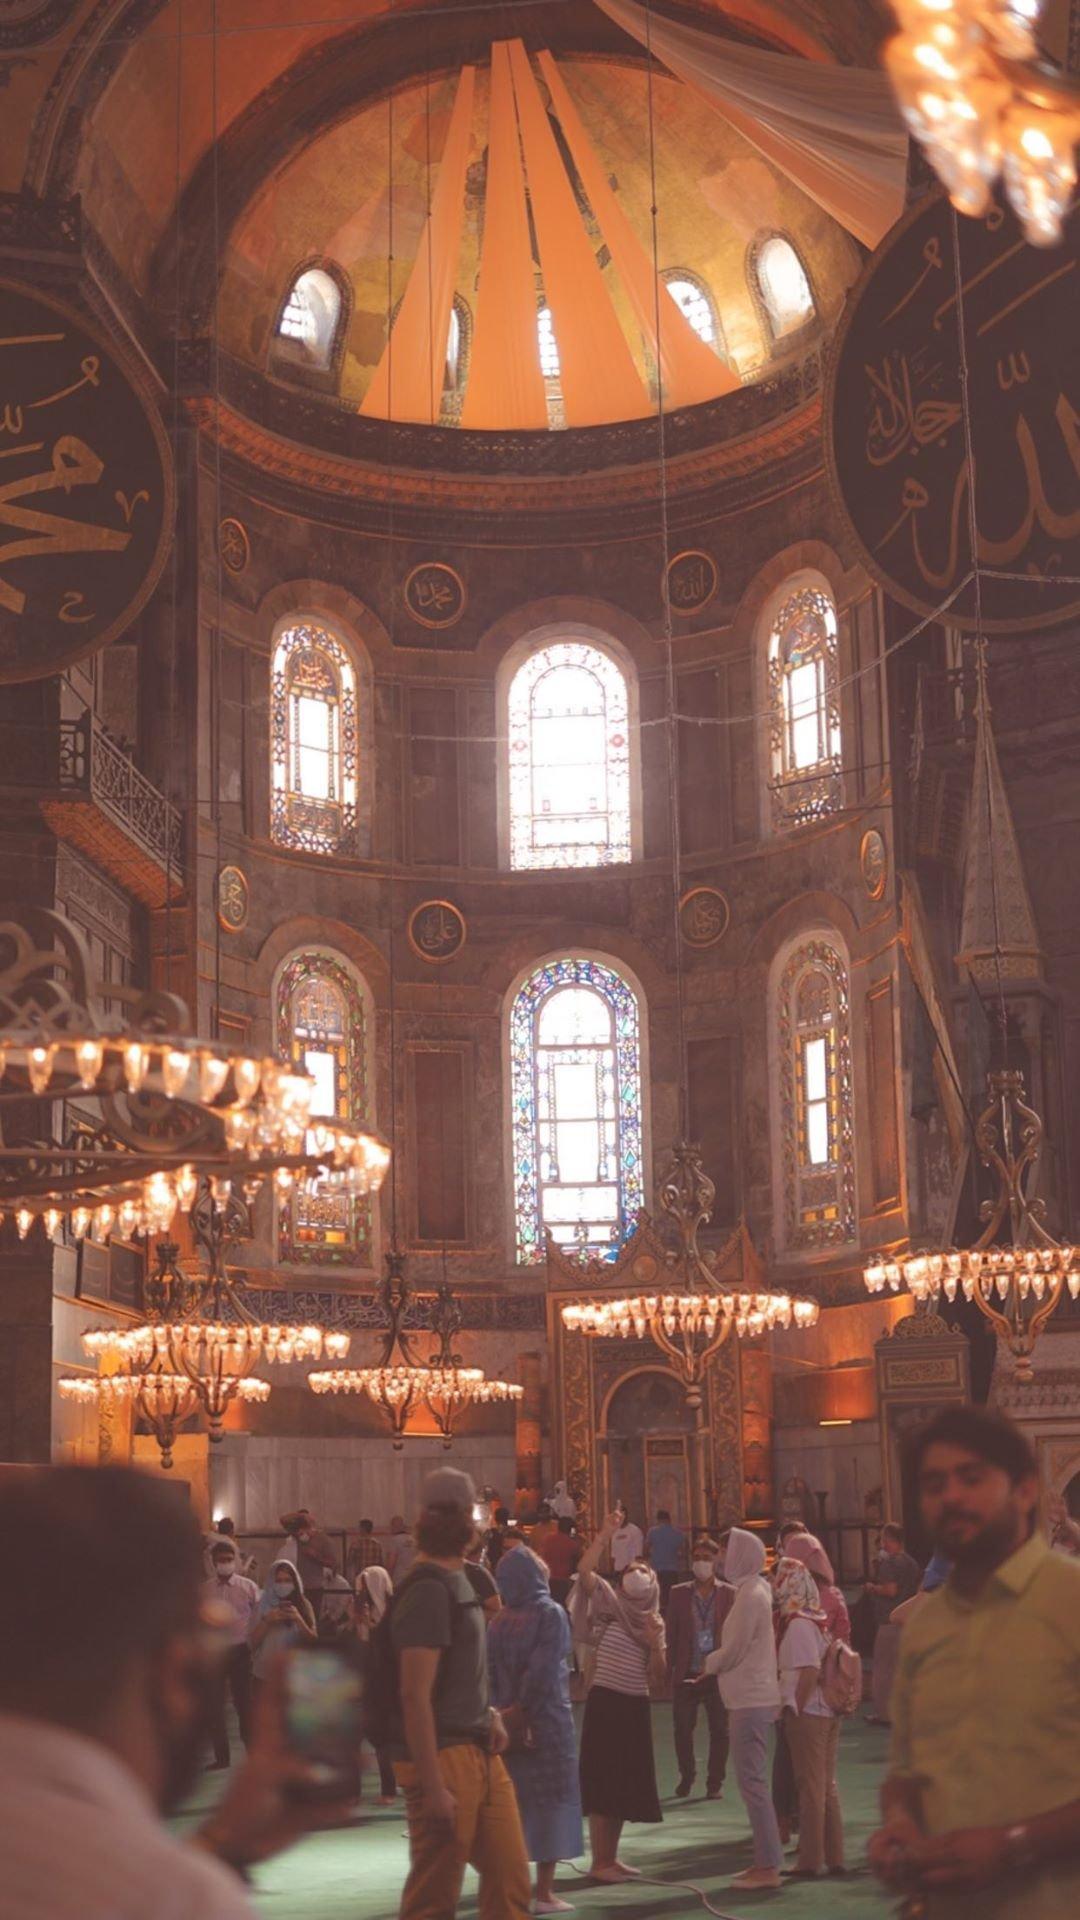 Hagia Sophia Tour Turki aman new normal 2020